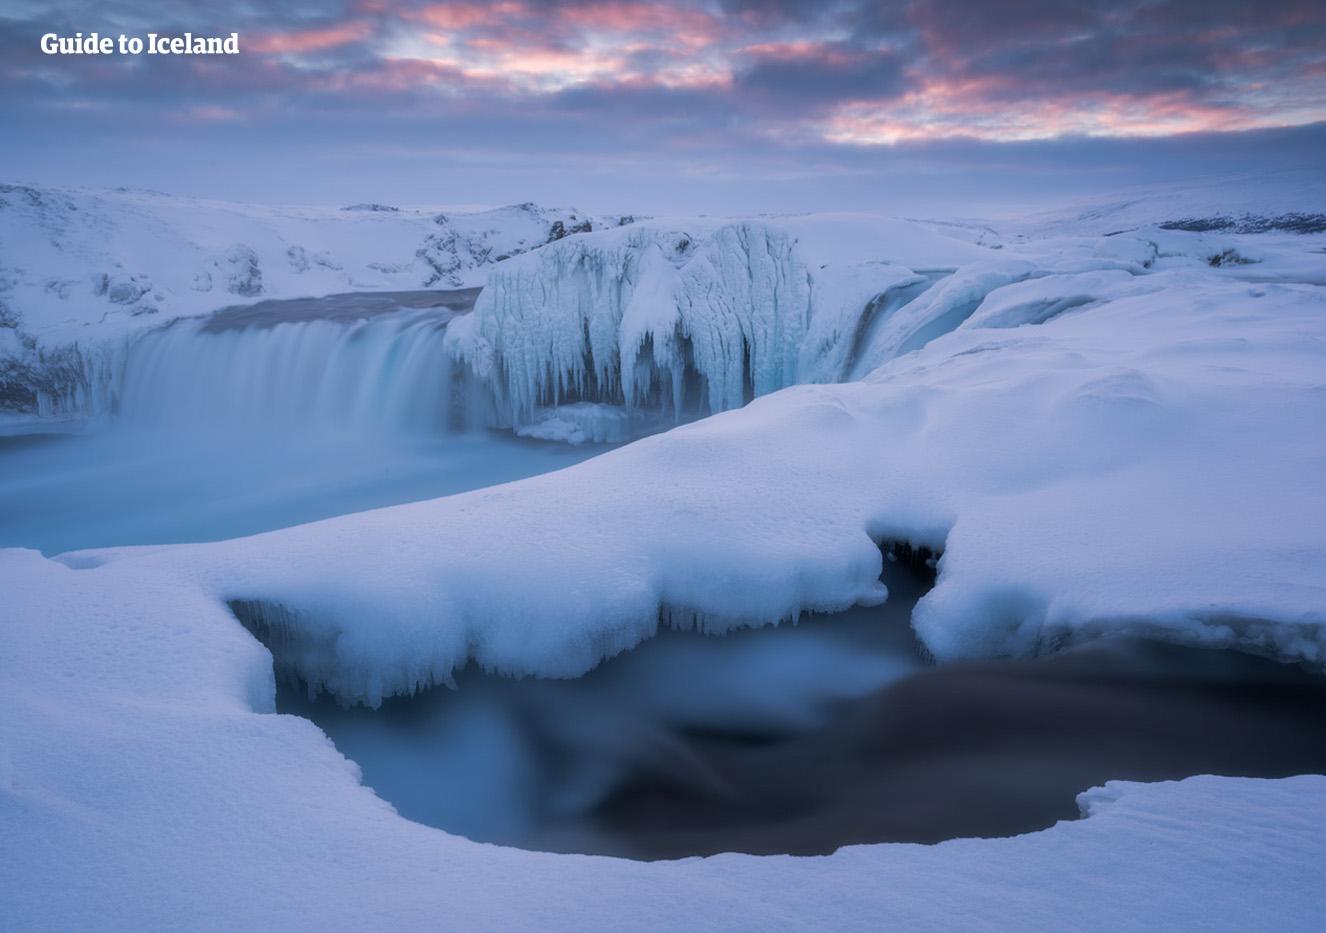 Akureyri, die Hauptstadt Nordislands, strotzt mit faszinierender, nordischer Architektur.